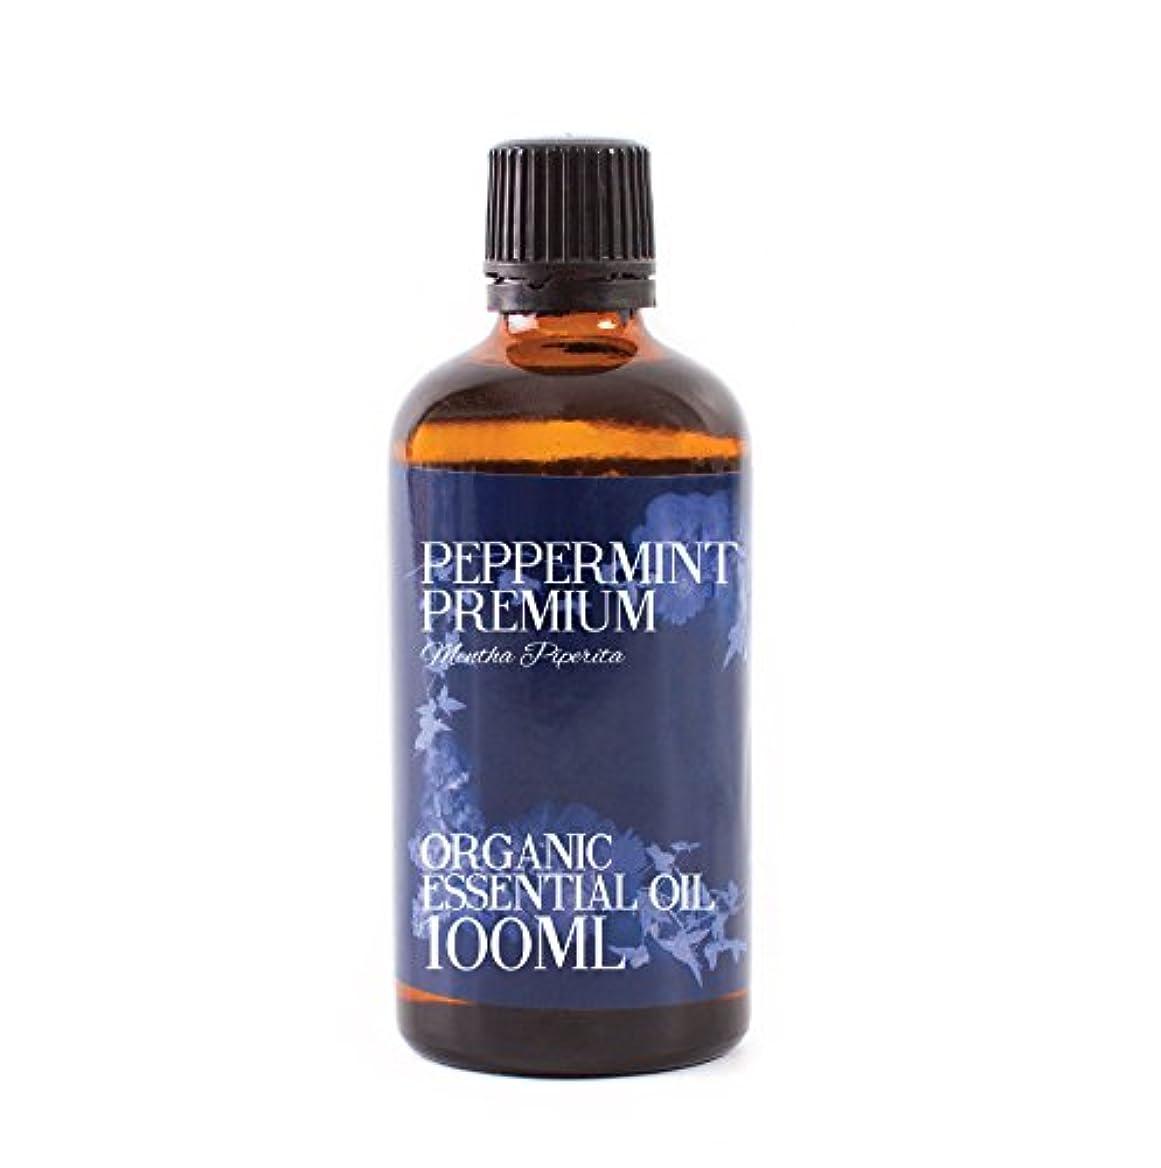 誇大妄想試してみる世代Mystic Moments | Peppermint Premium Organic Essential Oil - 100ml - 100% Pure